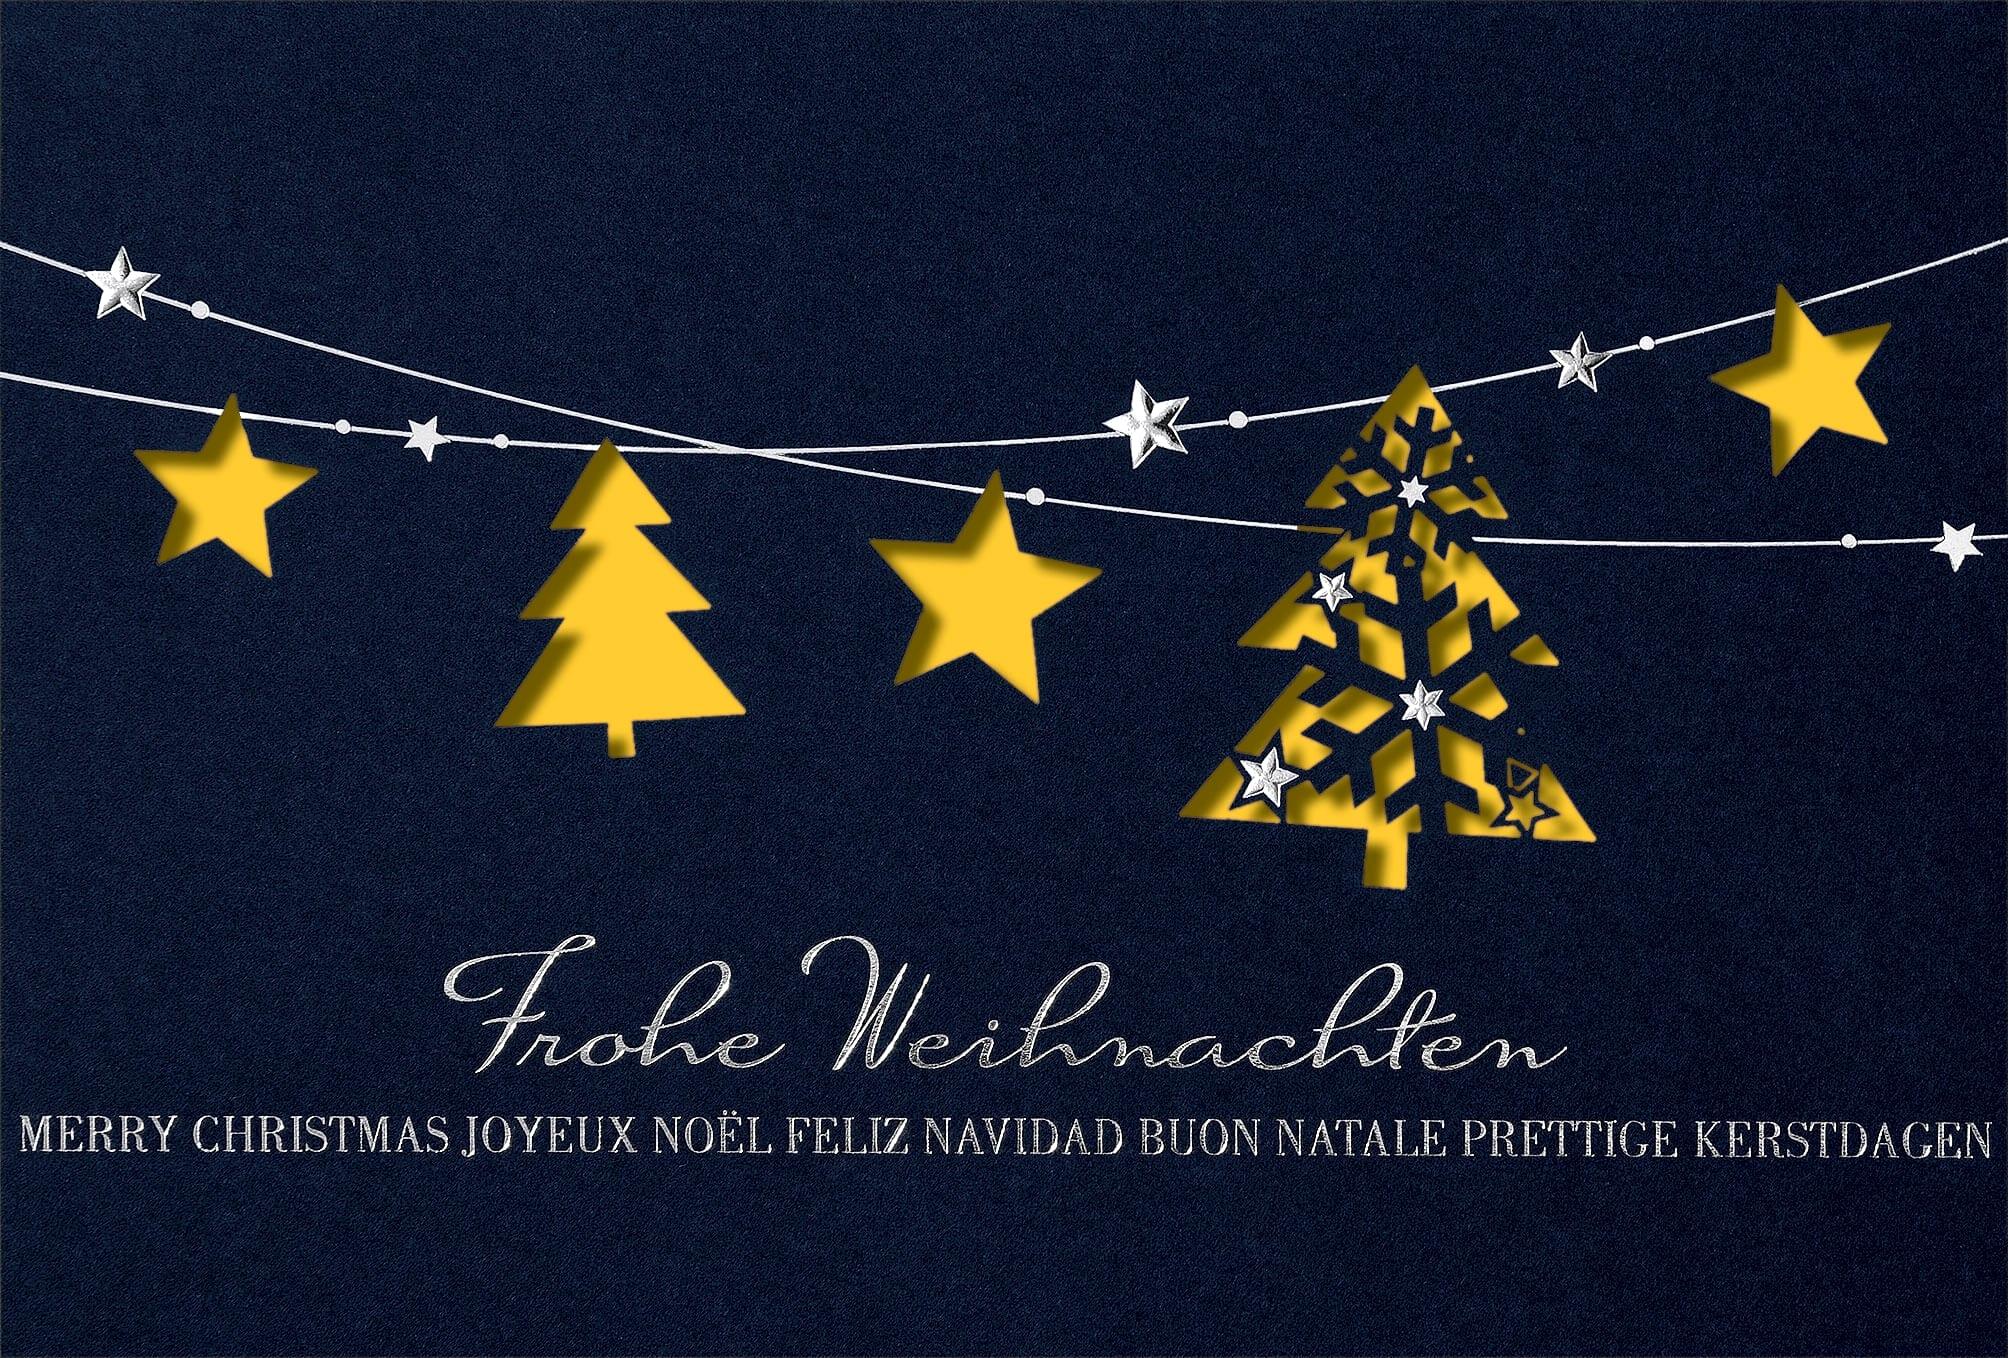 Frohe Weihnachten Besinnlich.Frohe Weihnachten Fc Au Berneck 05